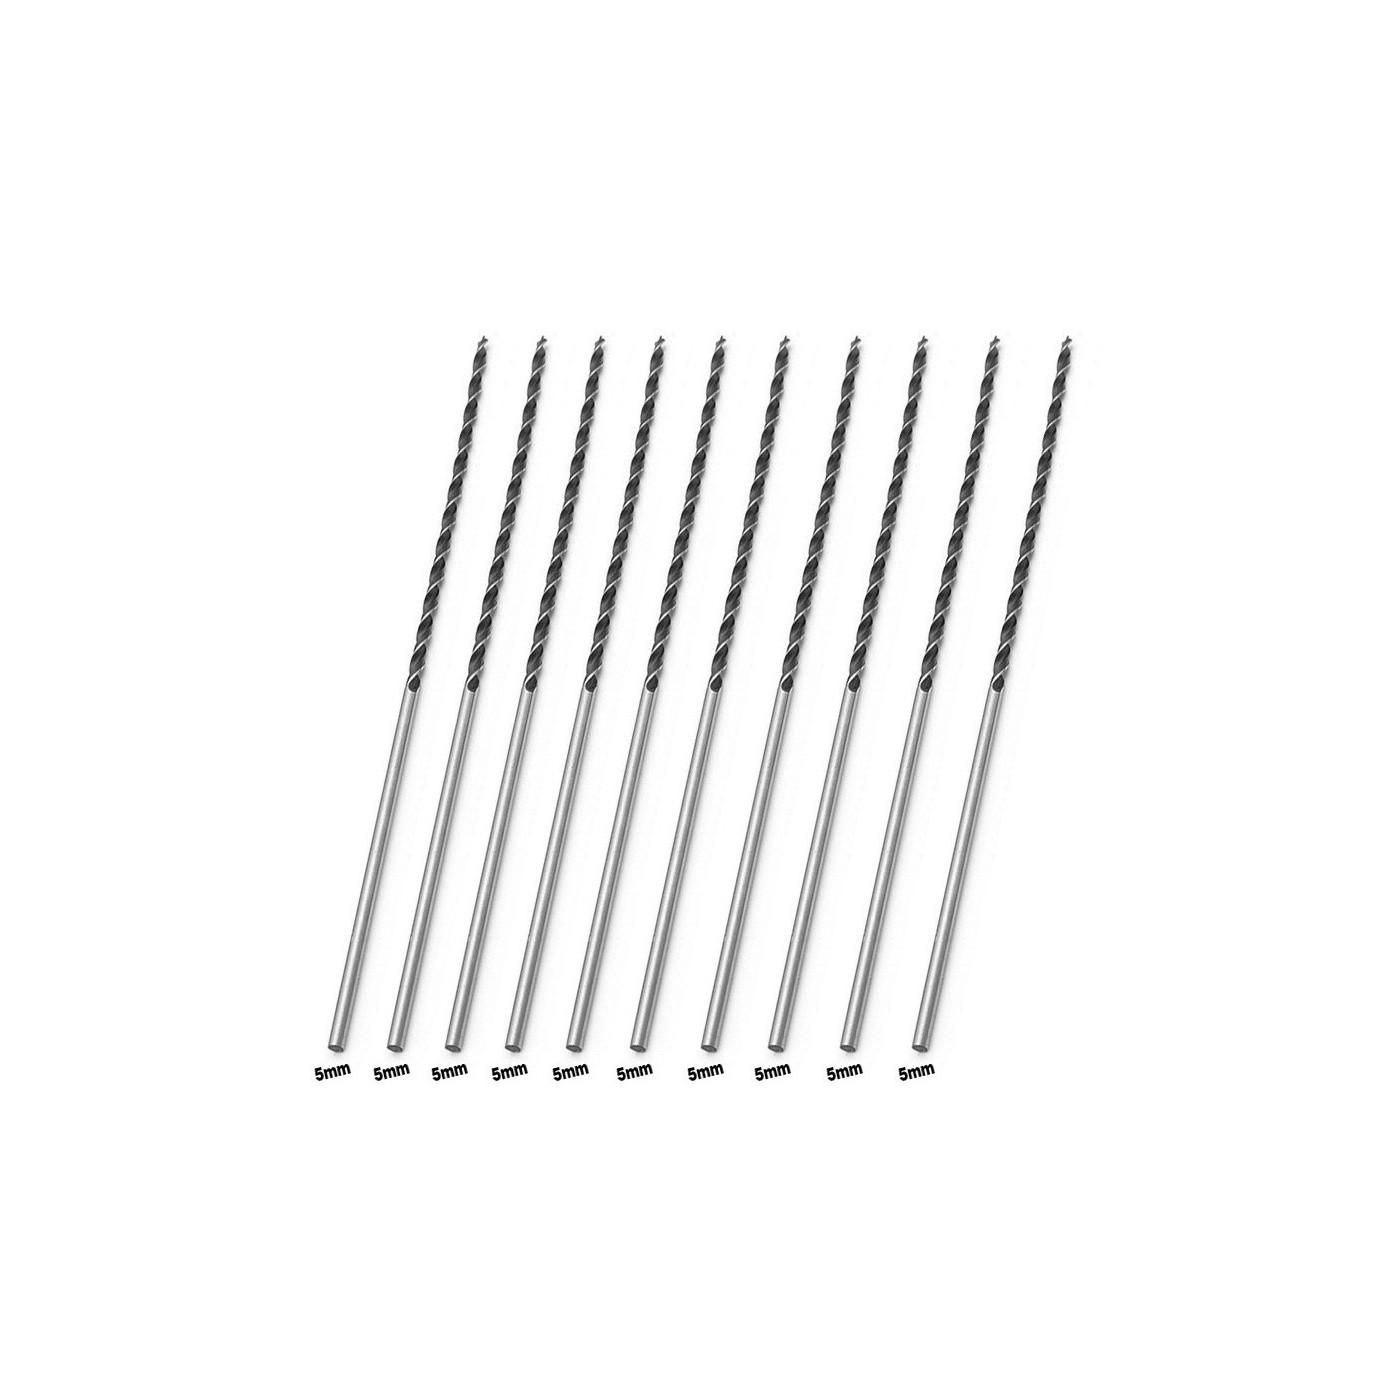 Set von 10 extra lange Holzbohrer (5x300 mm)  - 1